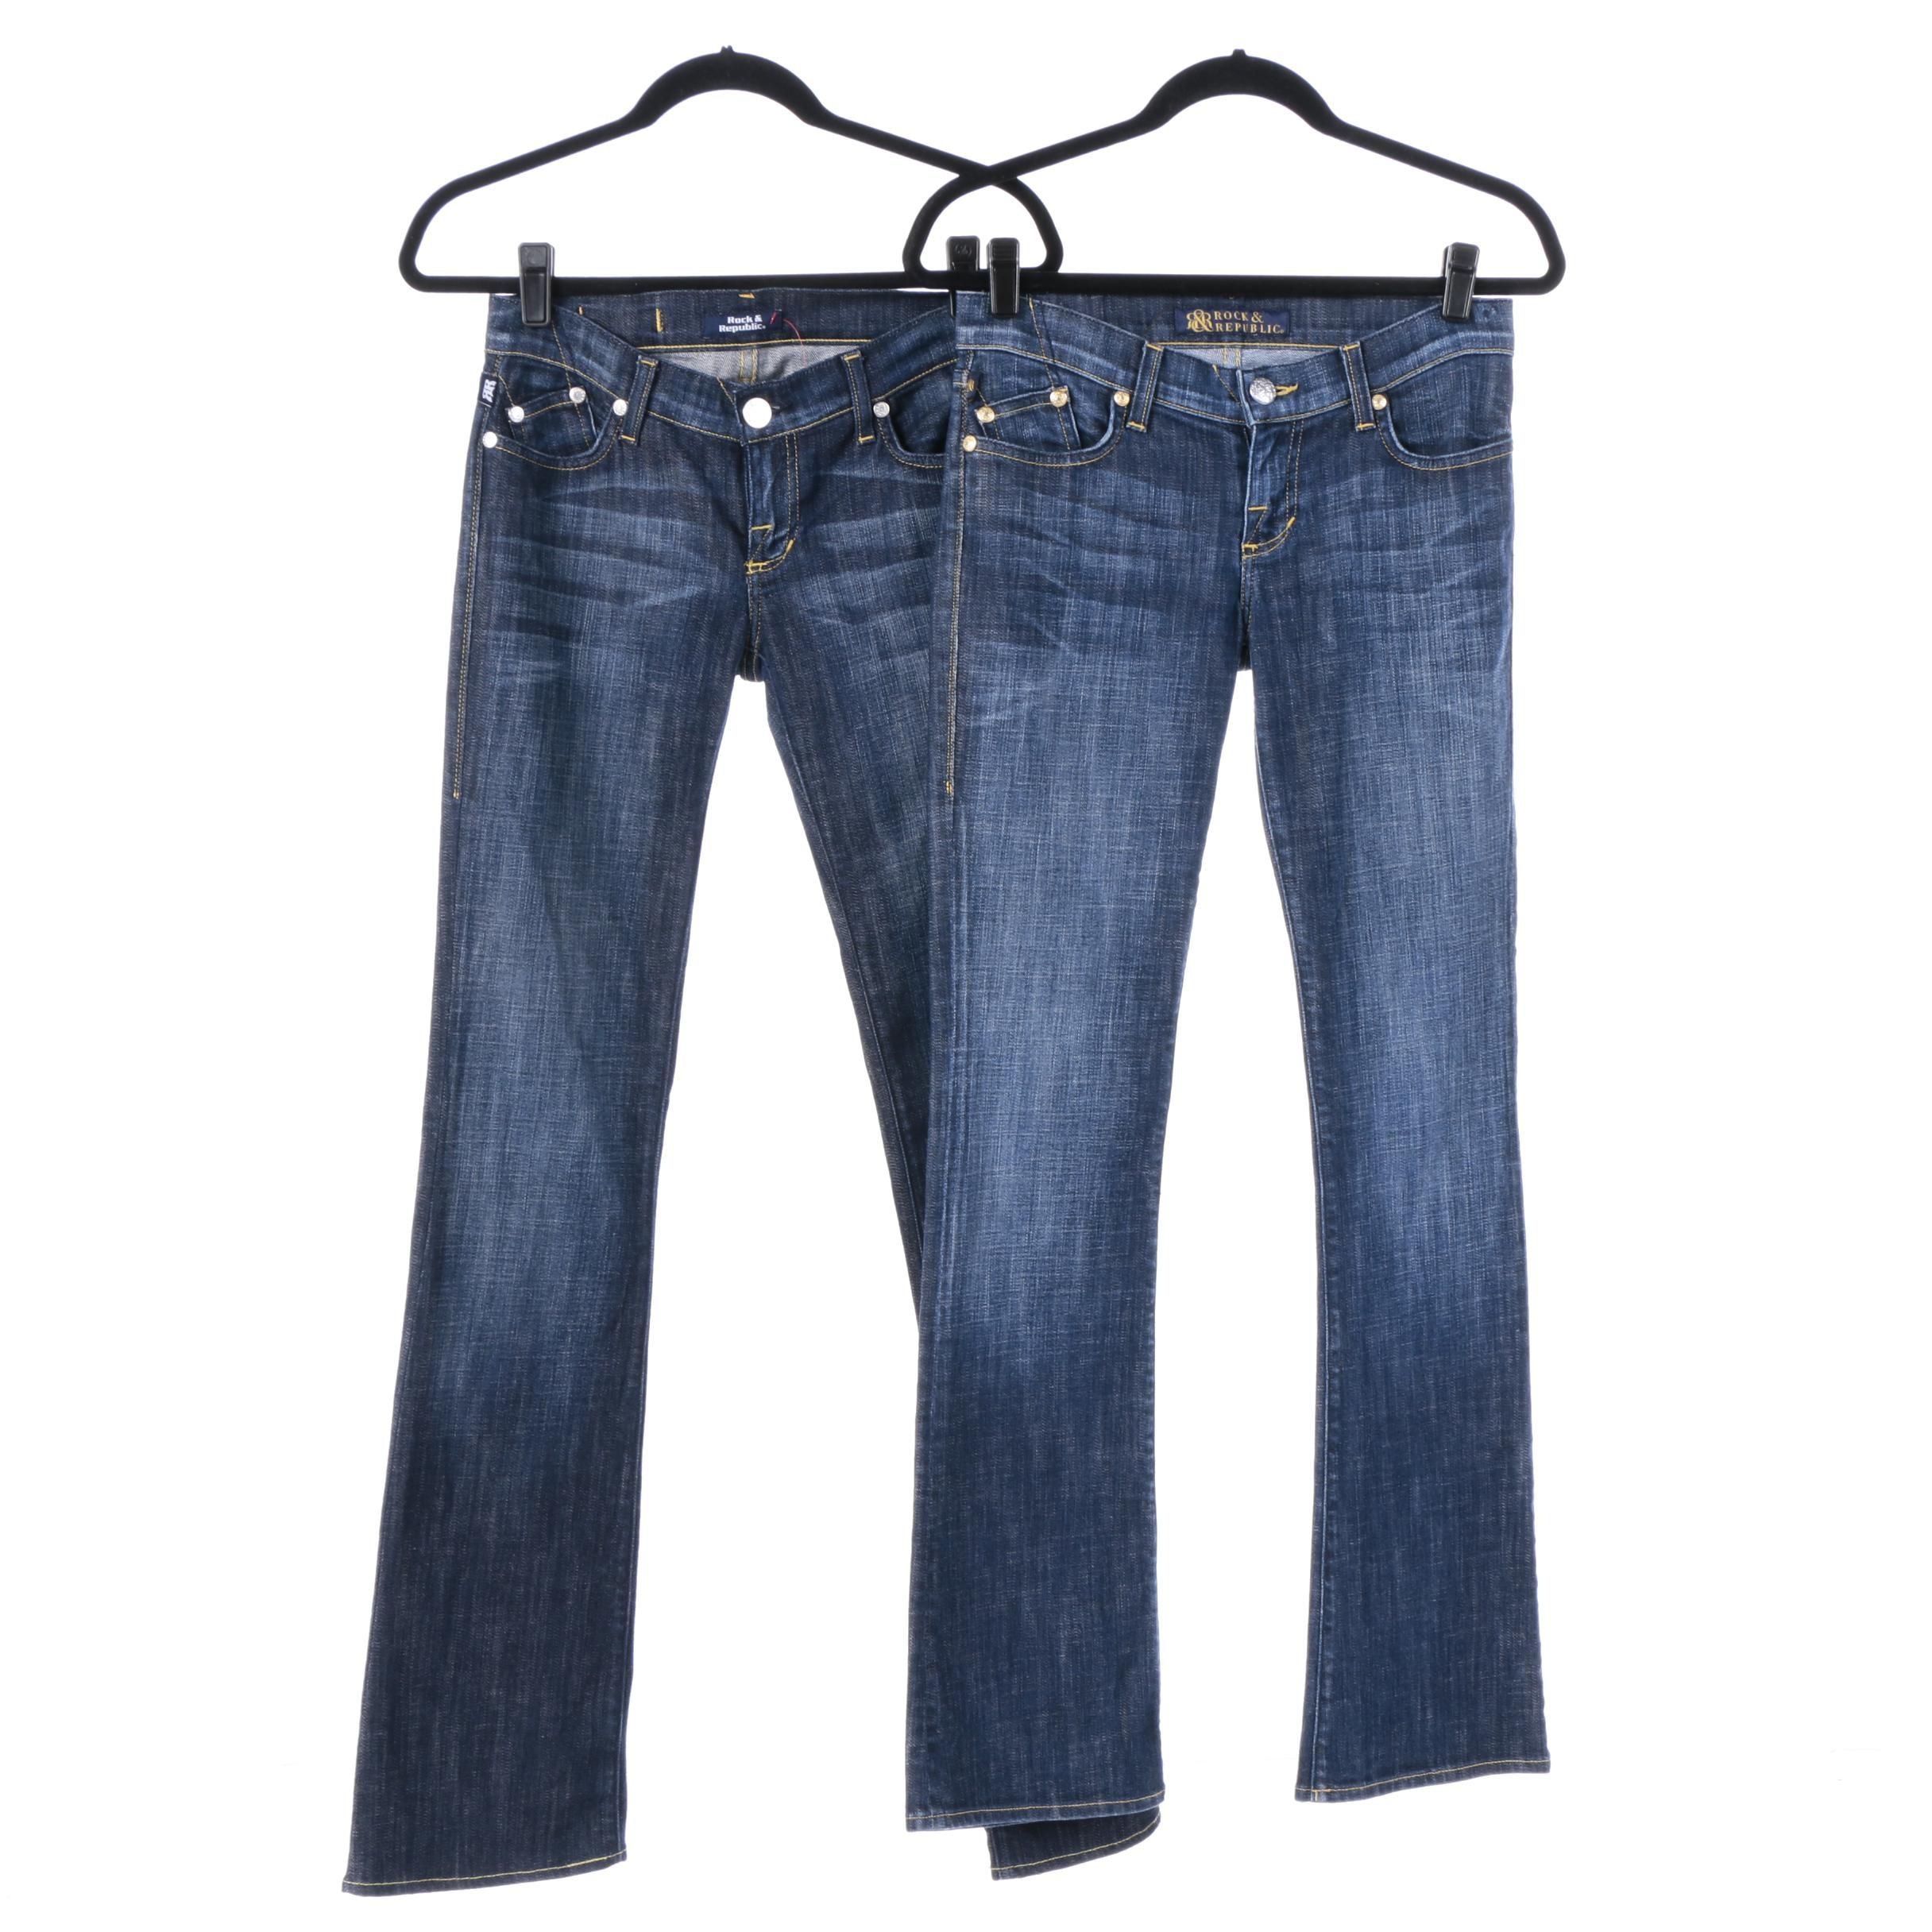 Women's Rock & Republic Jeans